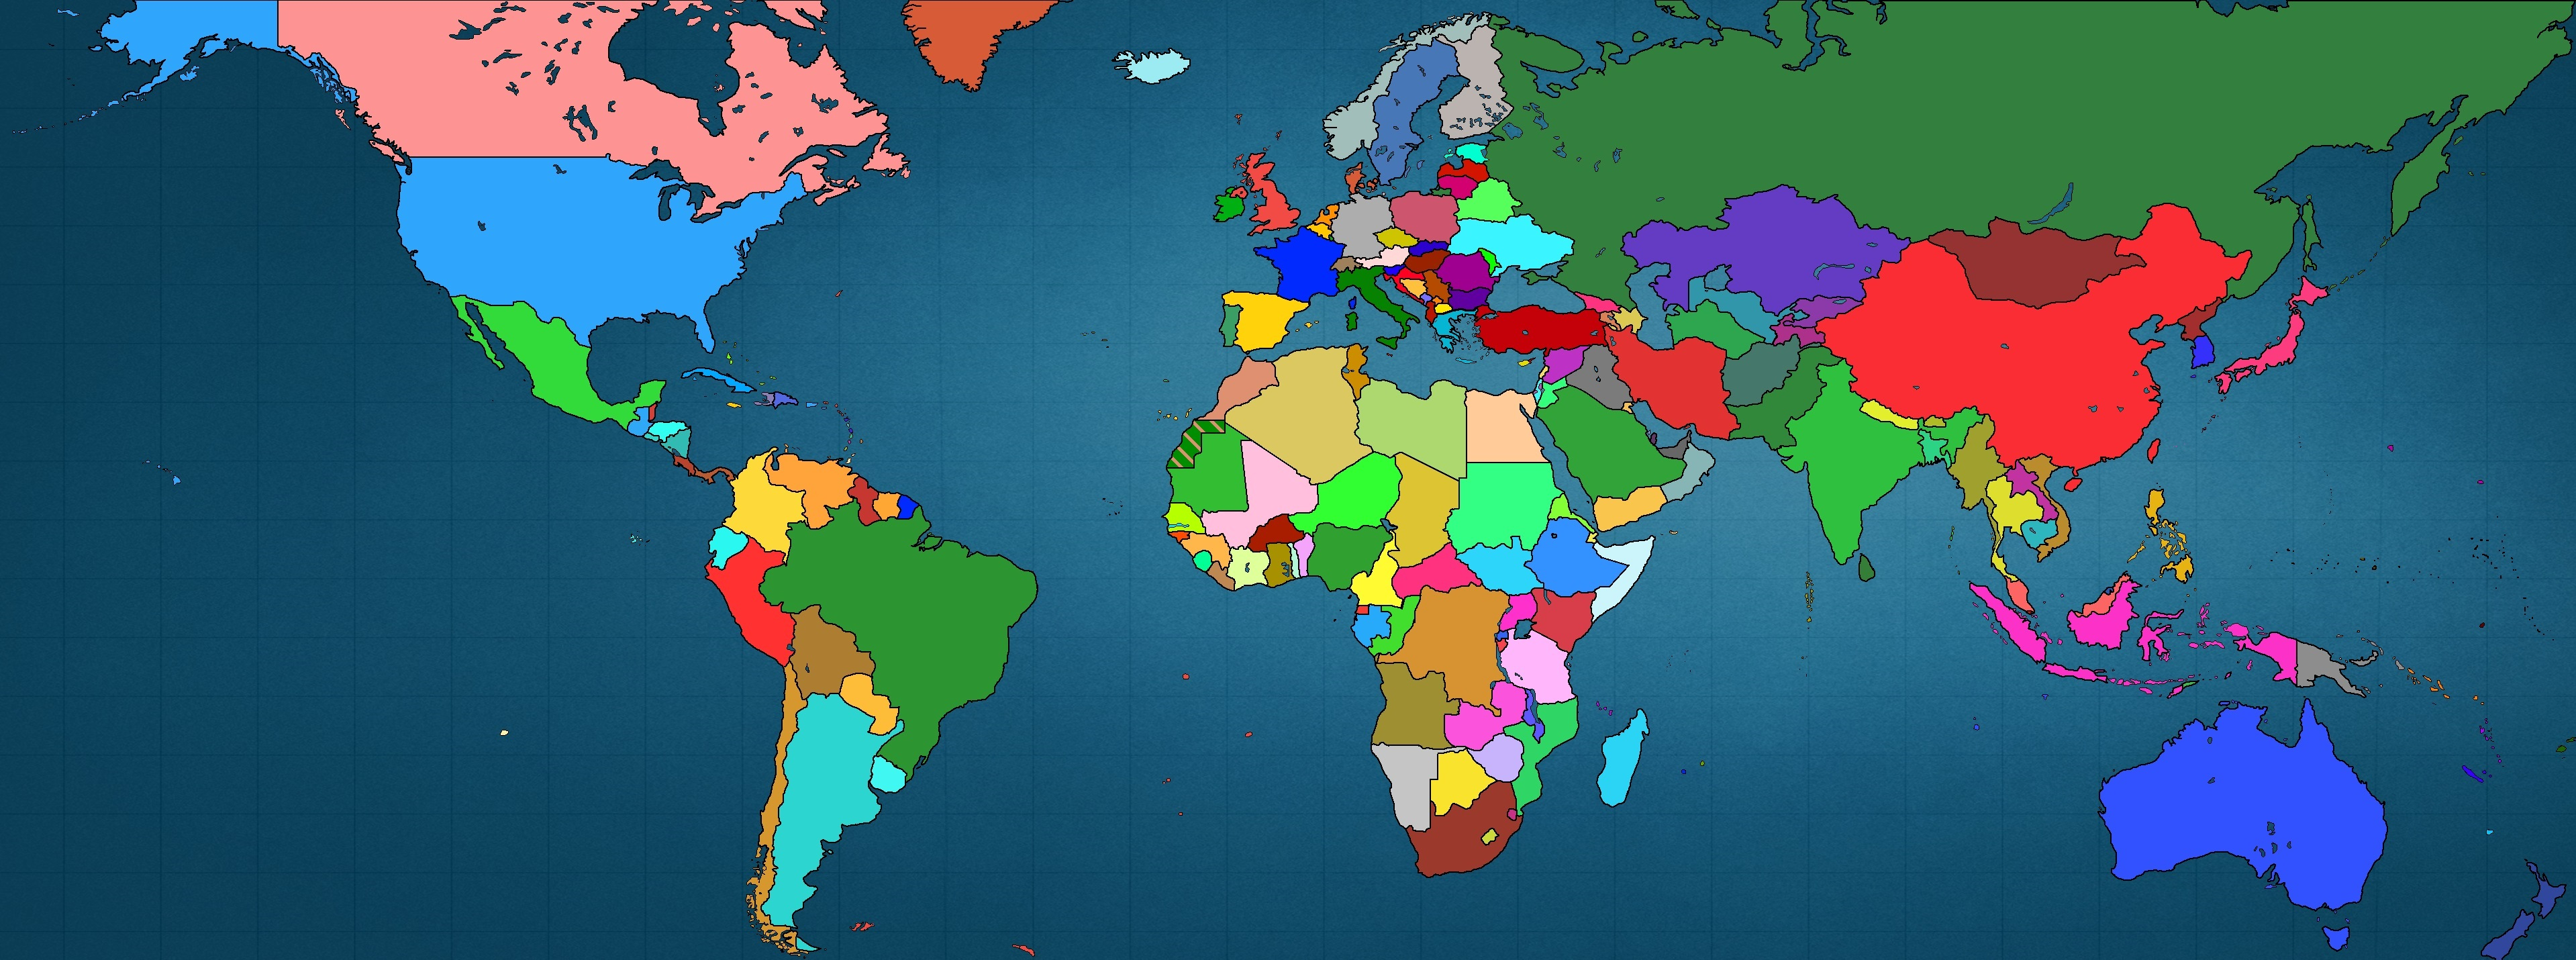 Modern Day World Map.98 Swiftmaps World Modern Day Antique Wall Map Poster Swiftmaps